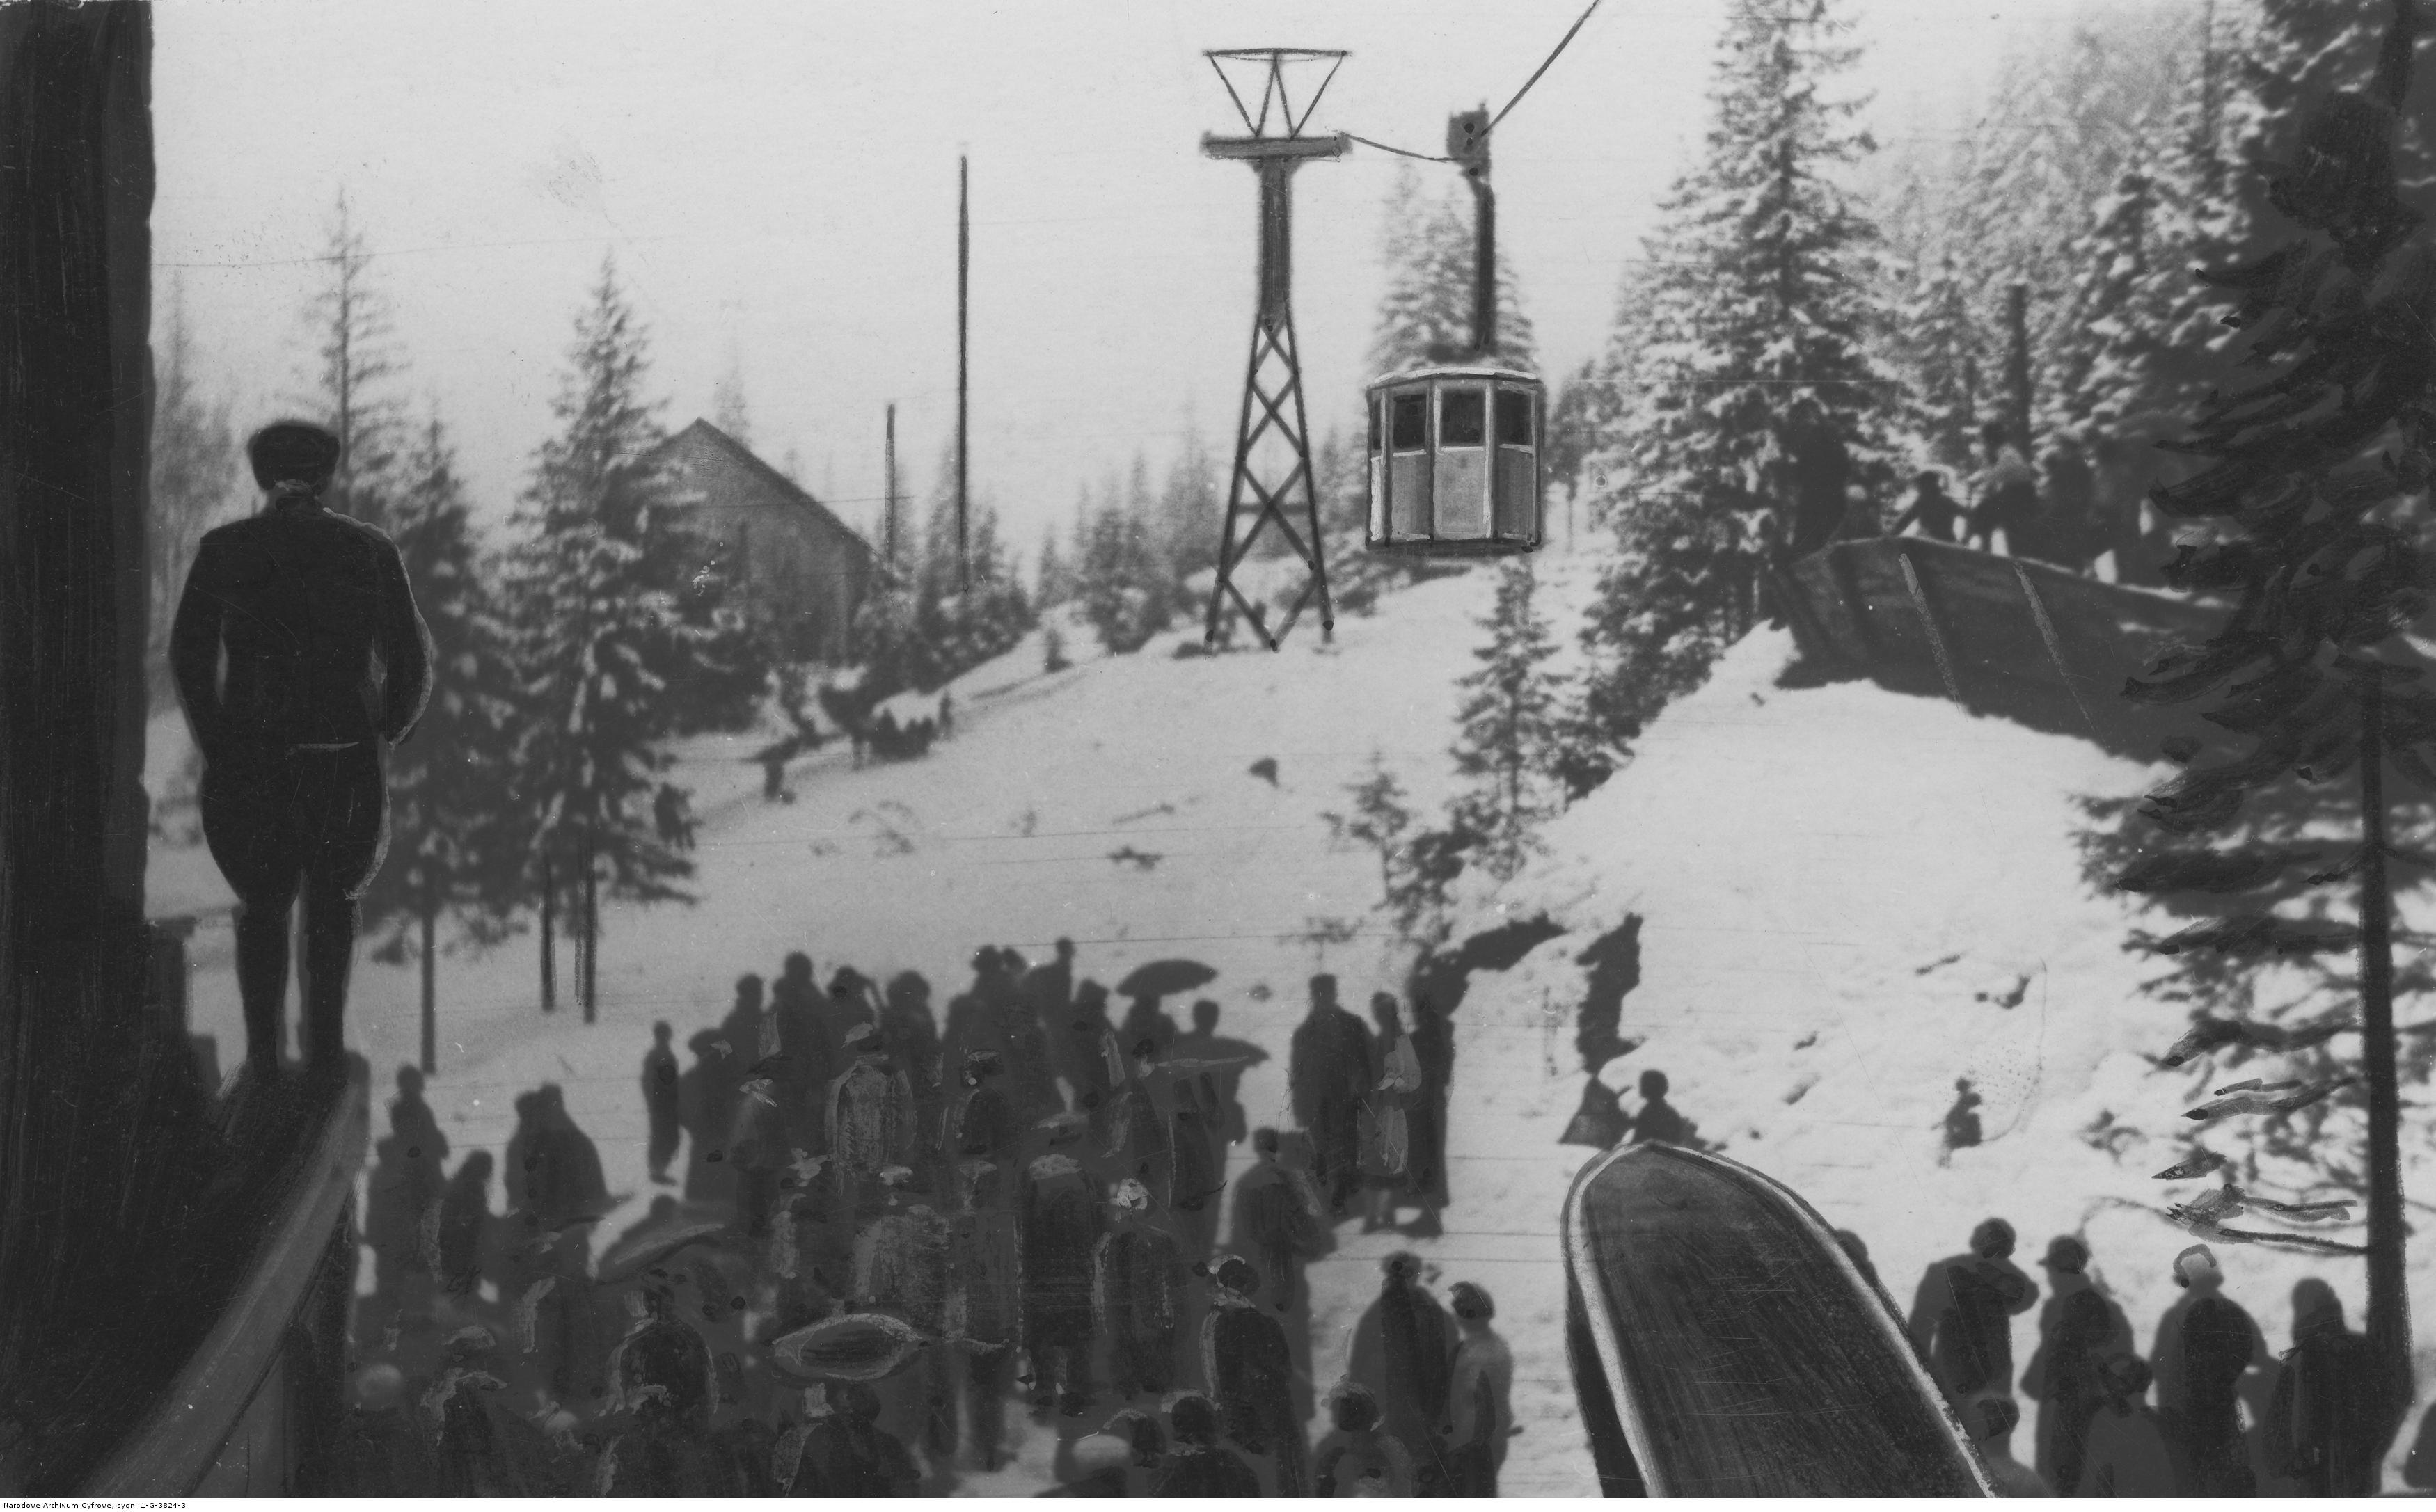 Jazda próbna kolejki linowej z Kuźnic na Kasprowy Wierch, wyjazd pierwszego wagonika z pasażerami ze stacji początkowej. Źródło: NAC.